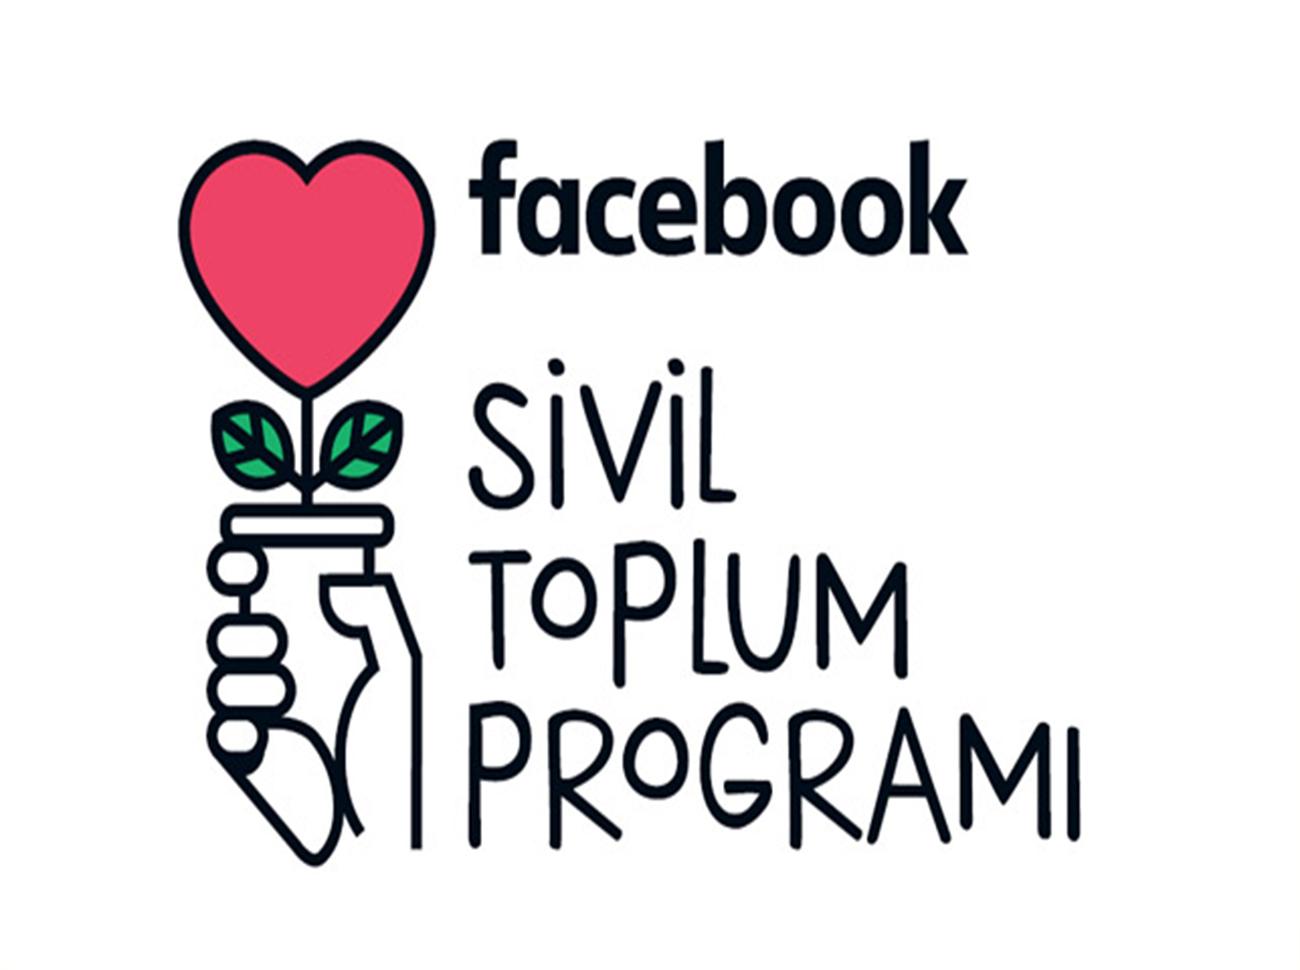 Facebook Sivil Toplum Programı